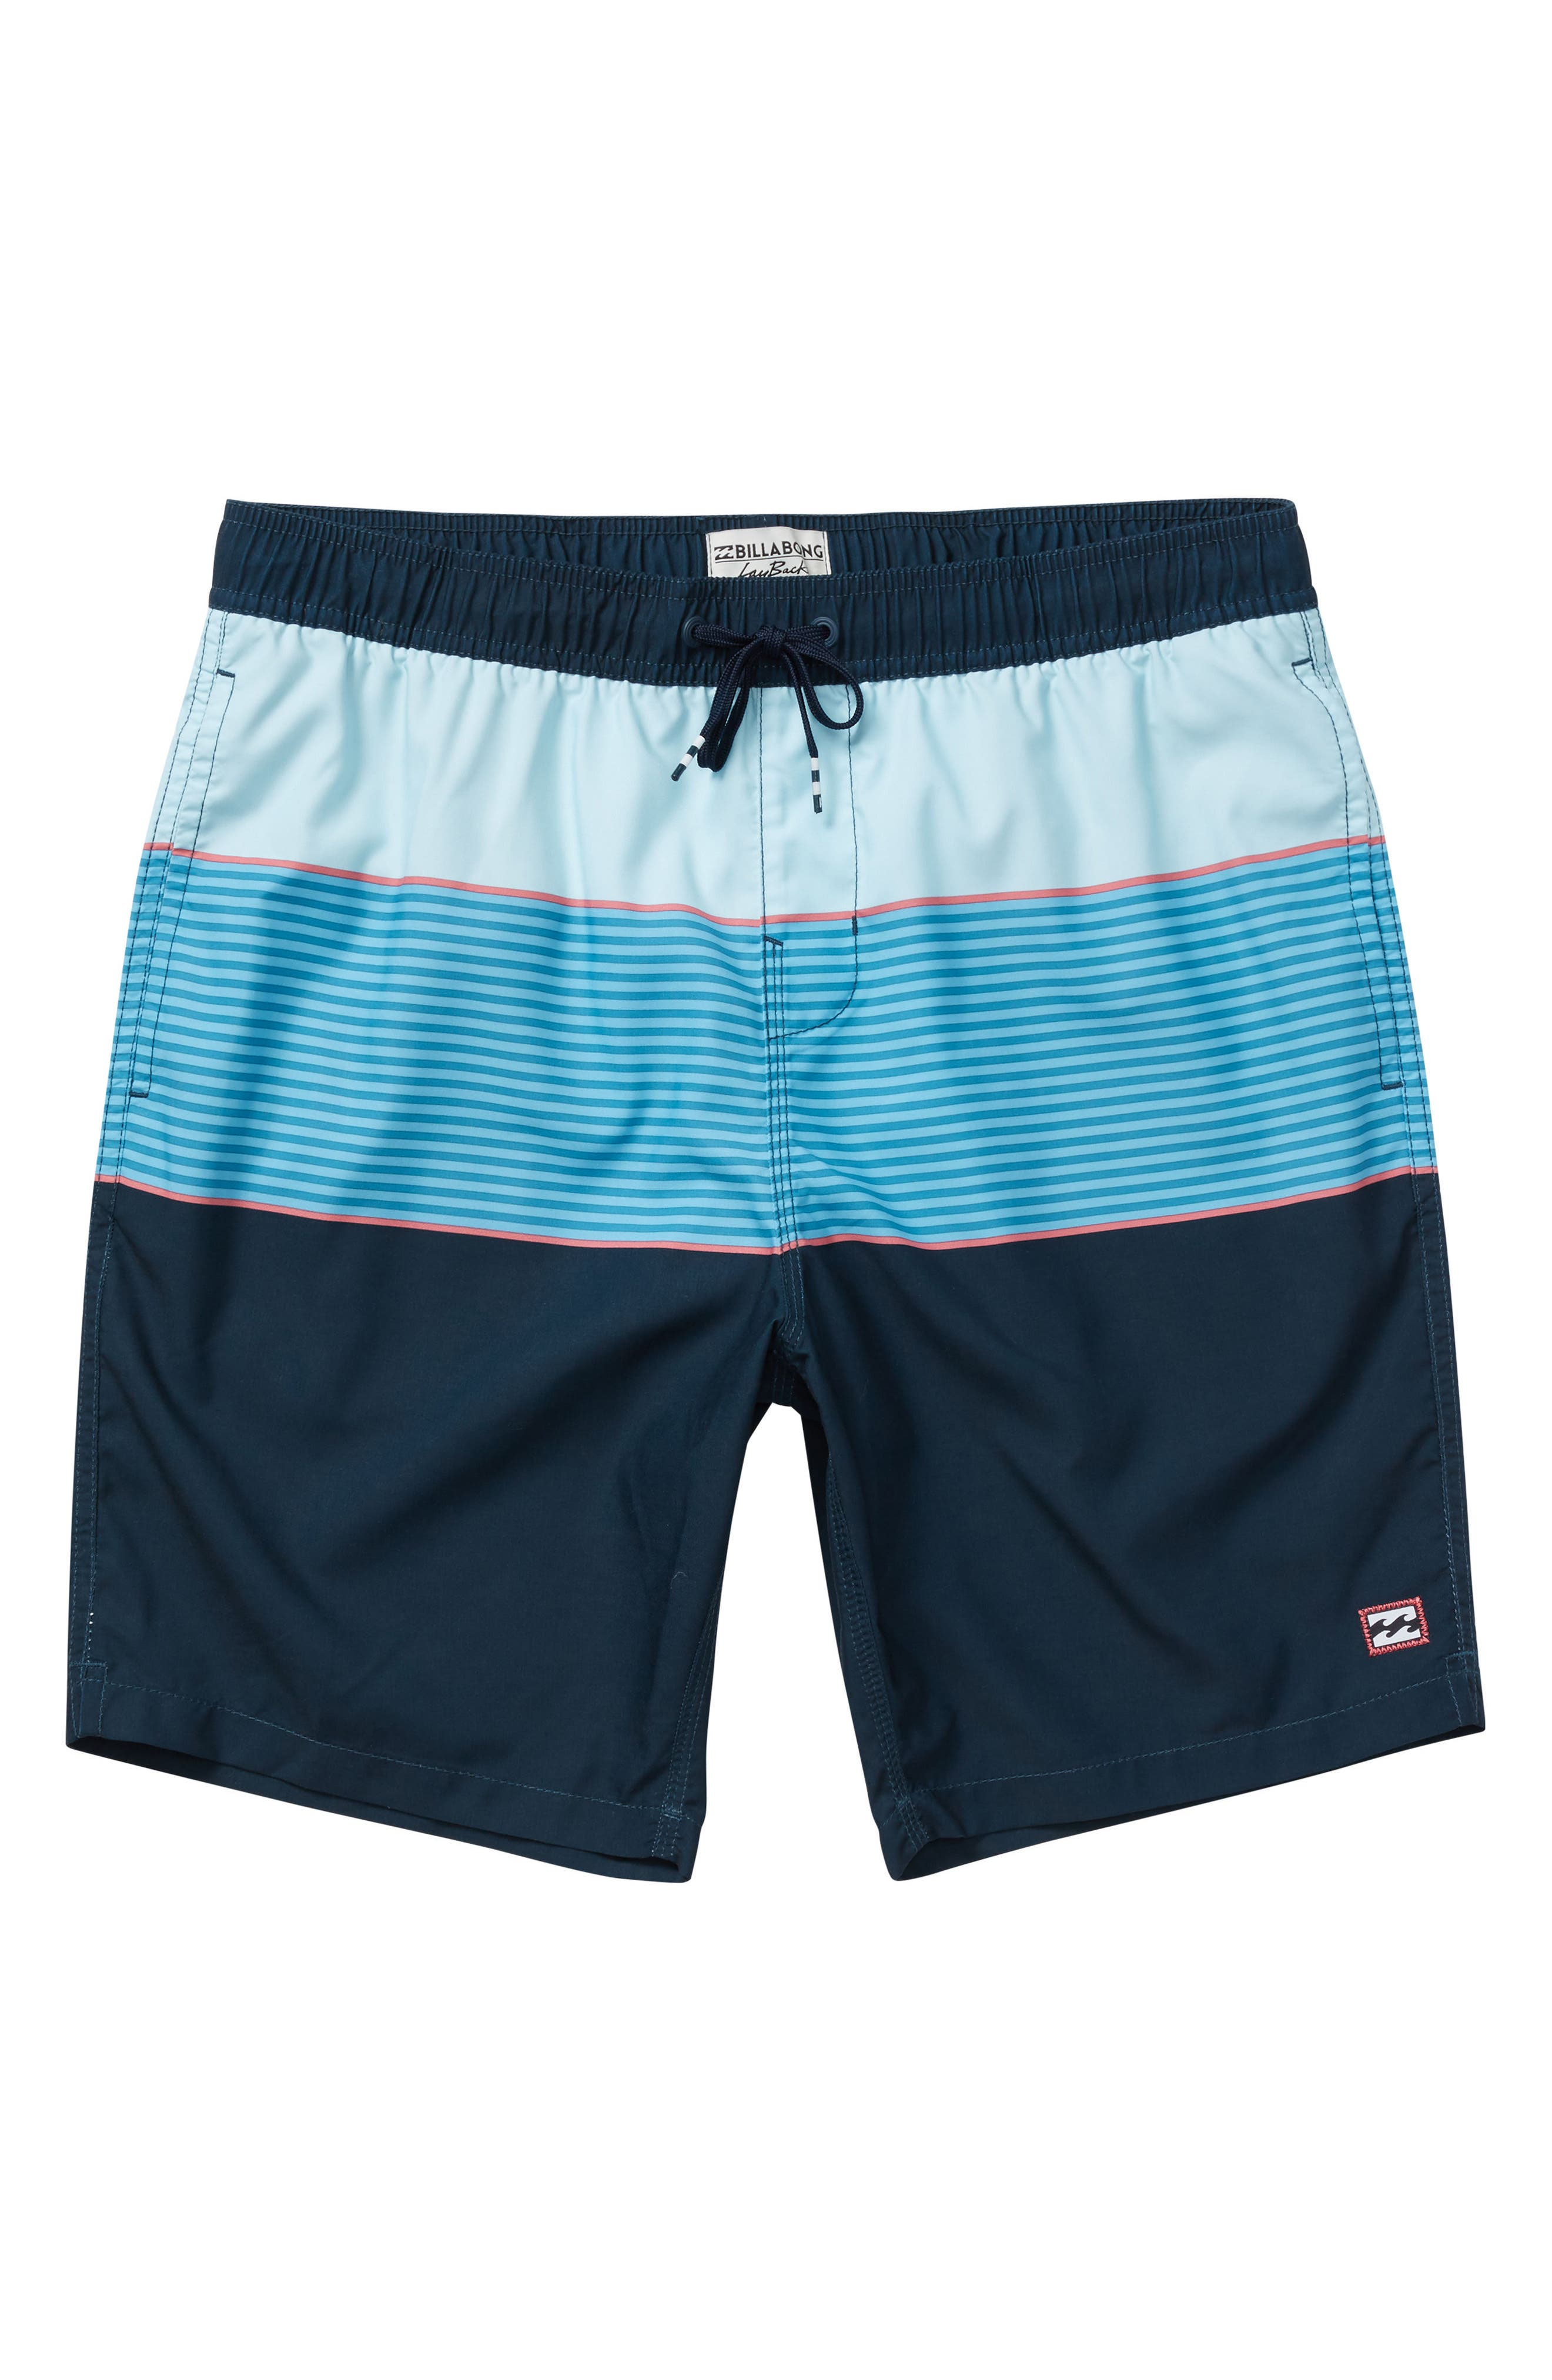 Tribong Layback Board Shorts,                         Main,                         color, 428